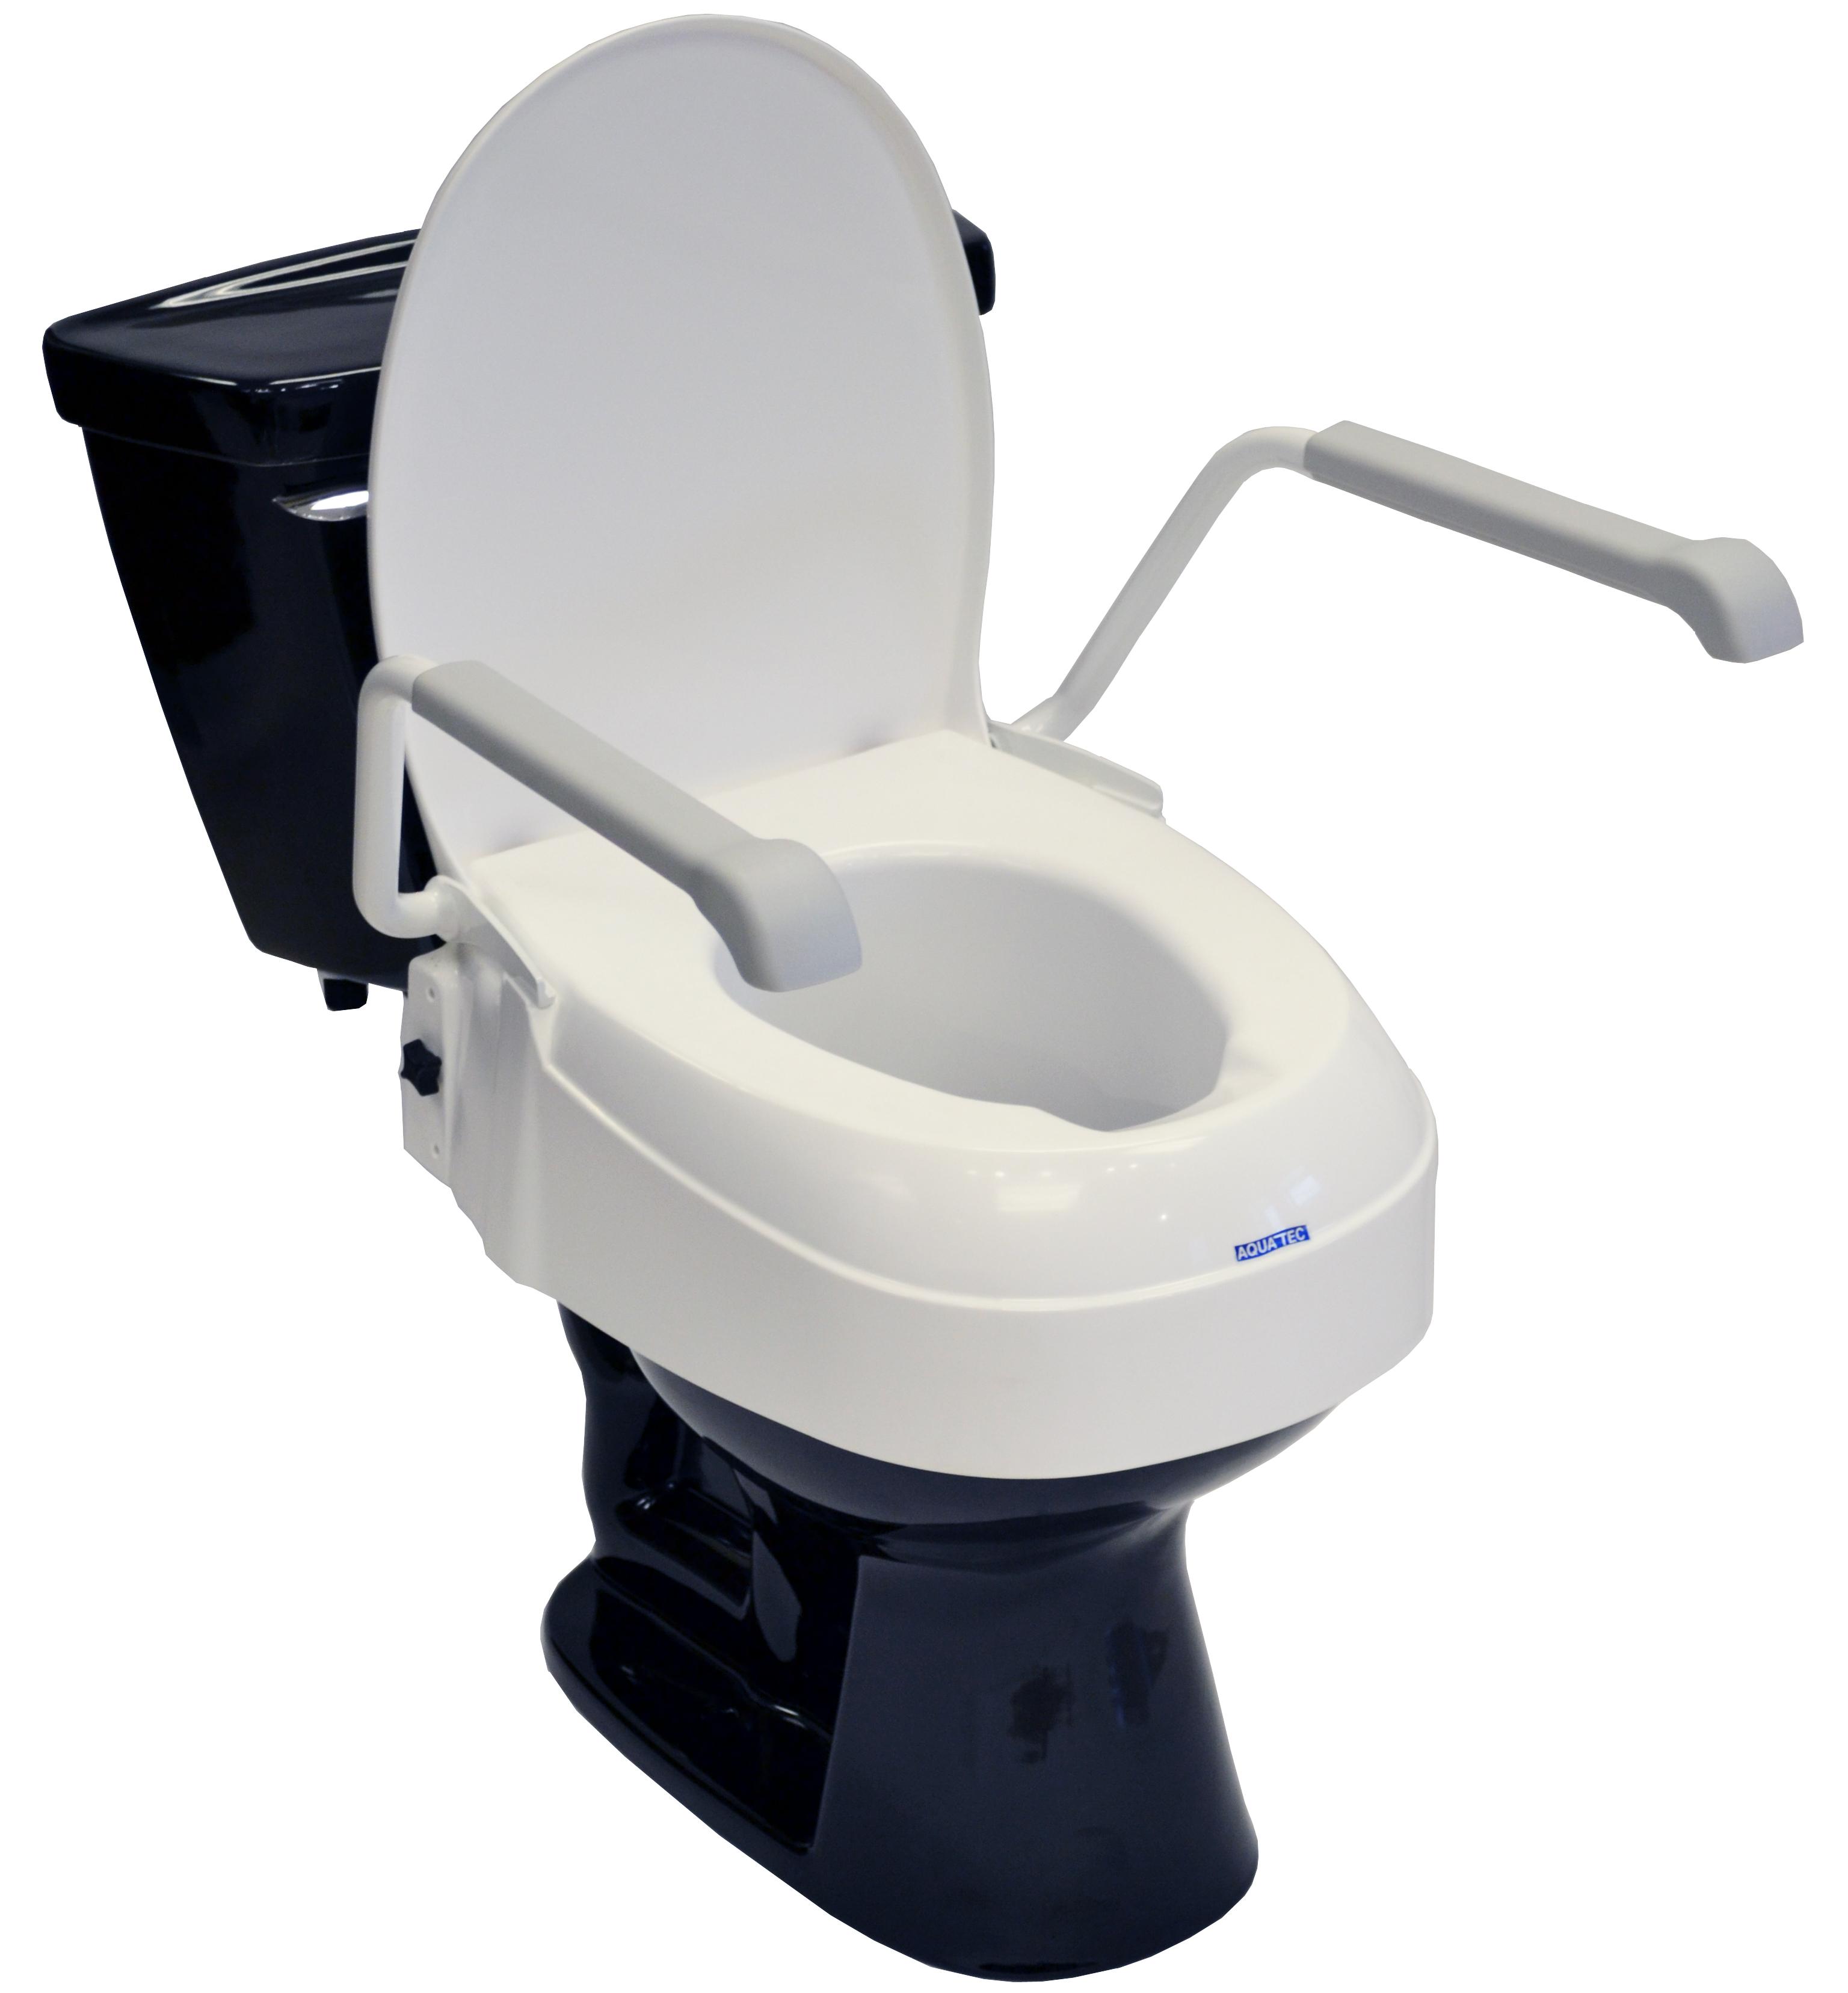 Aquatec A900 Adjustable Toilet Seat Riser